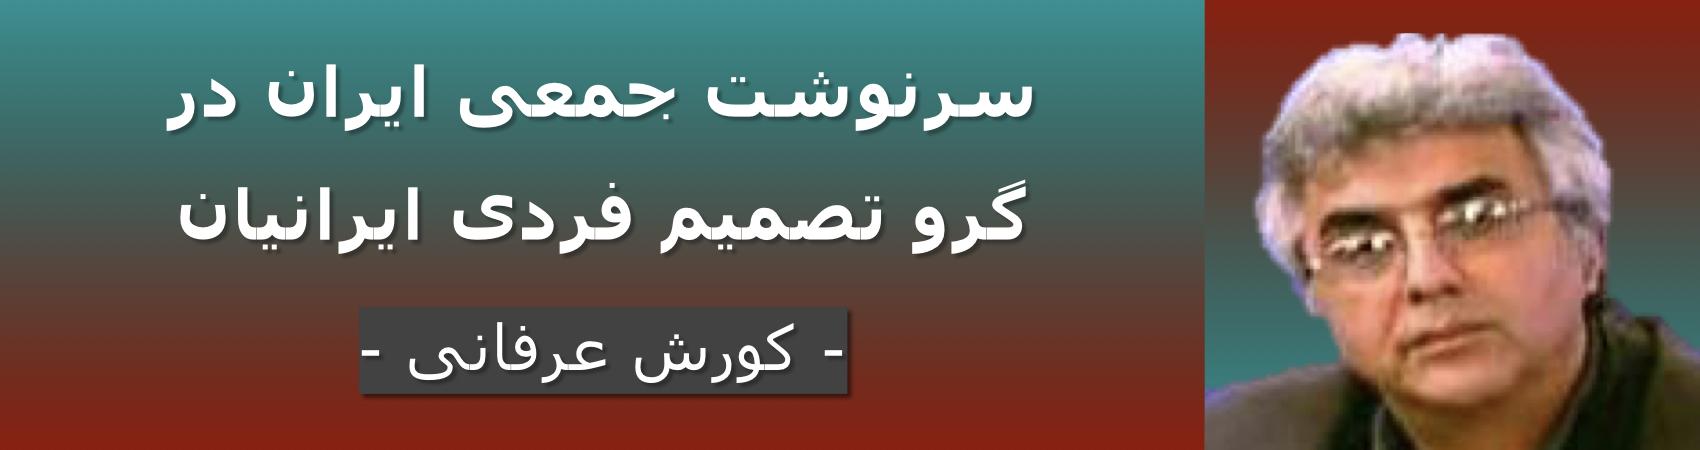 سرنوشت جمعی ایران در گرو تصمیم فردی ایرانیان